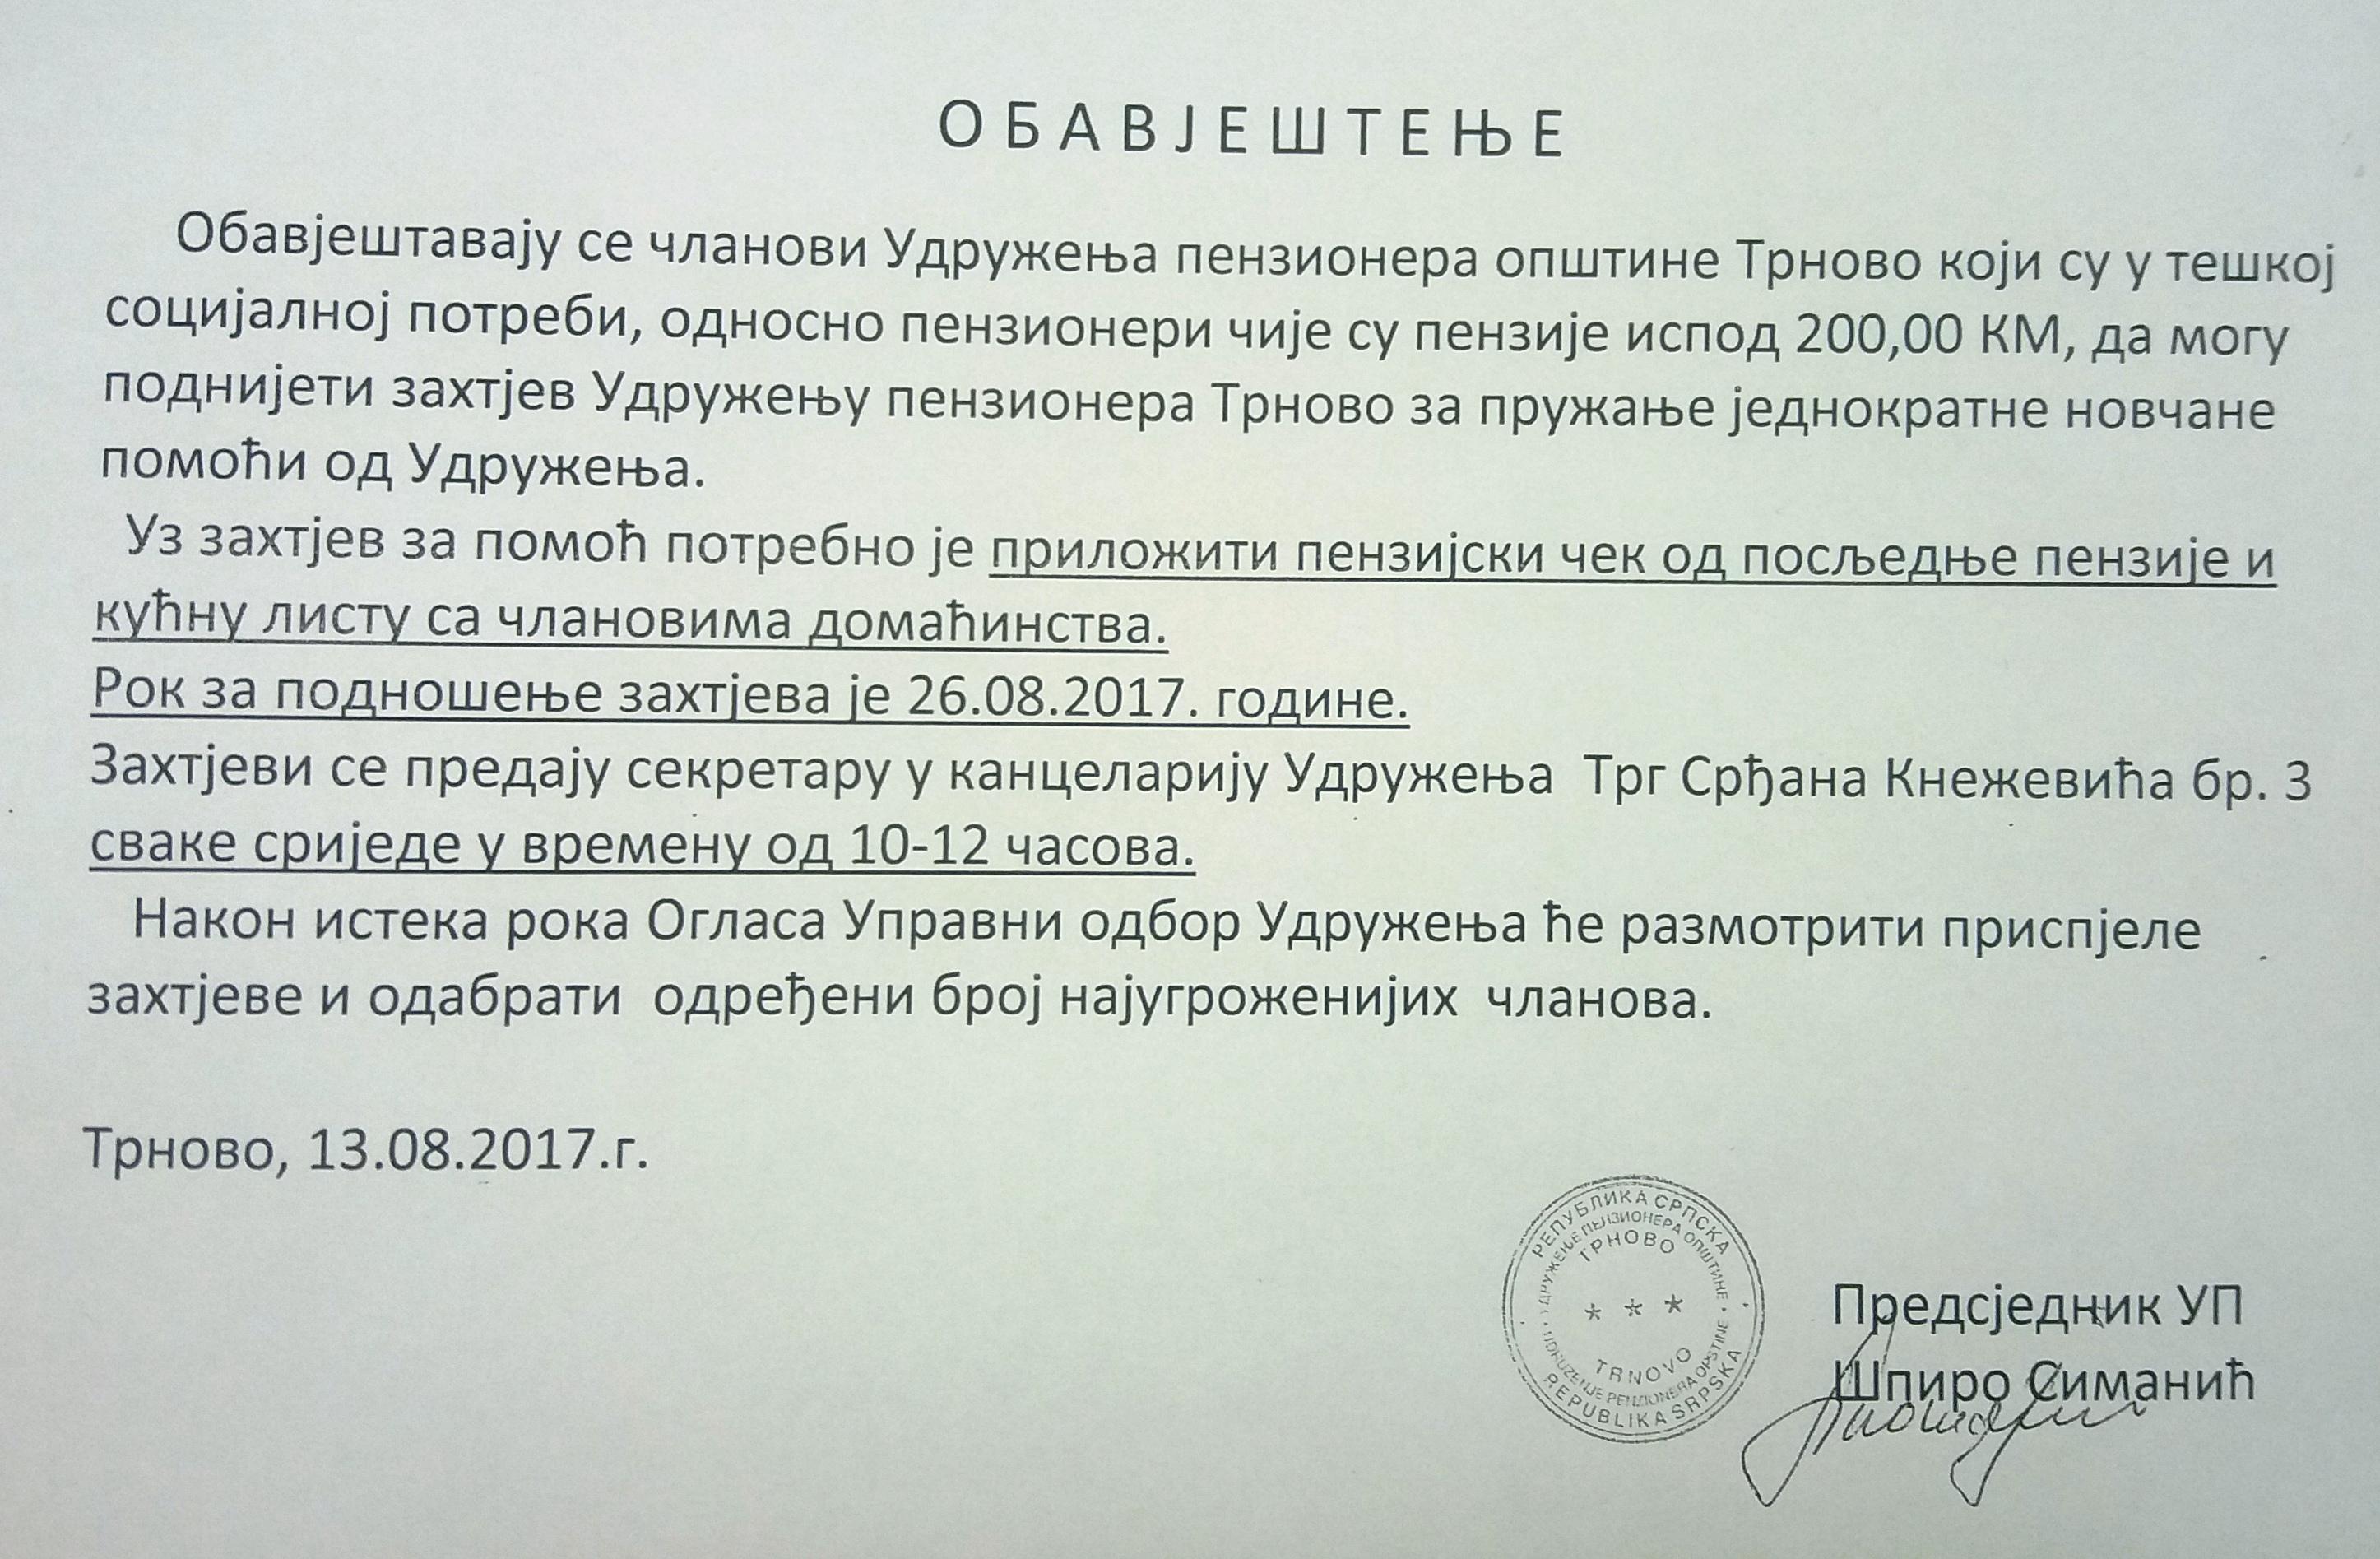 Obavještenje Udruženja penzionera Trnovo